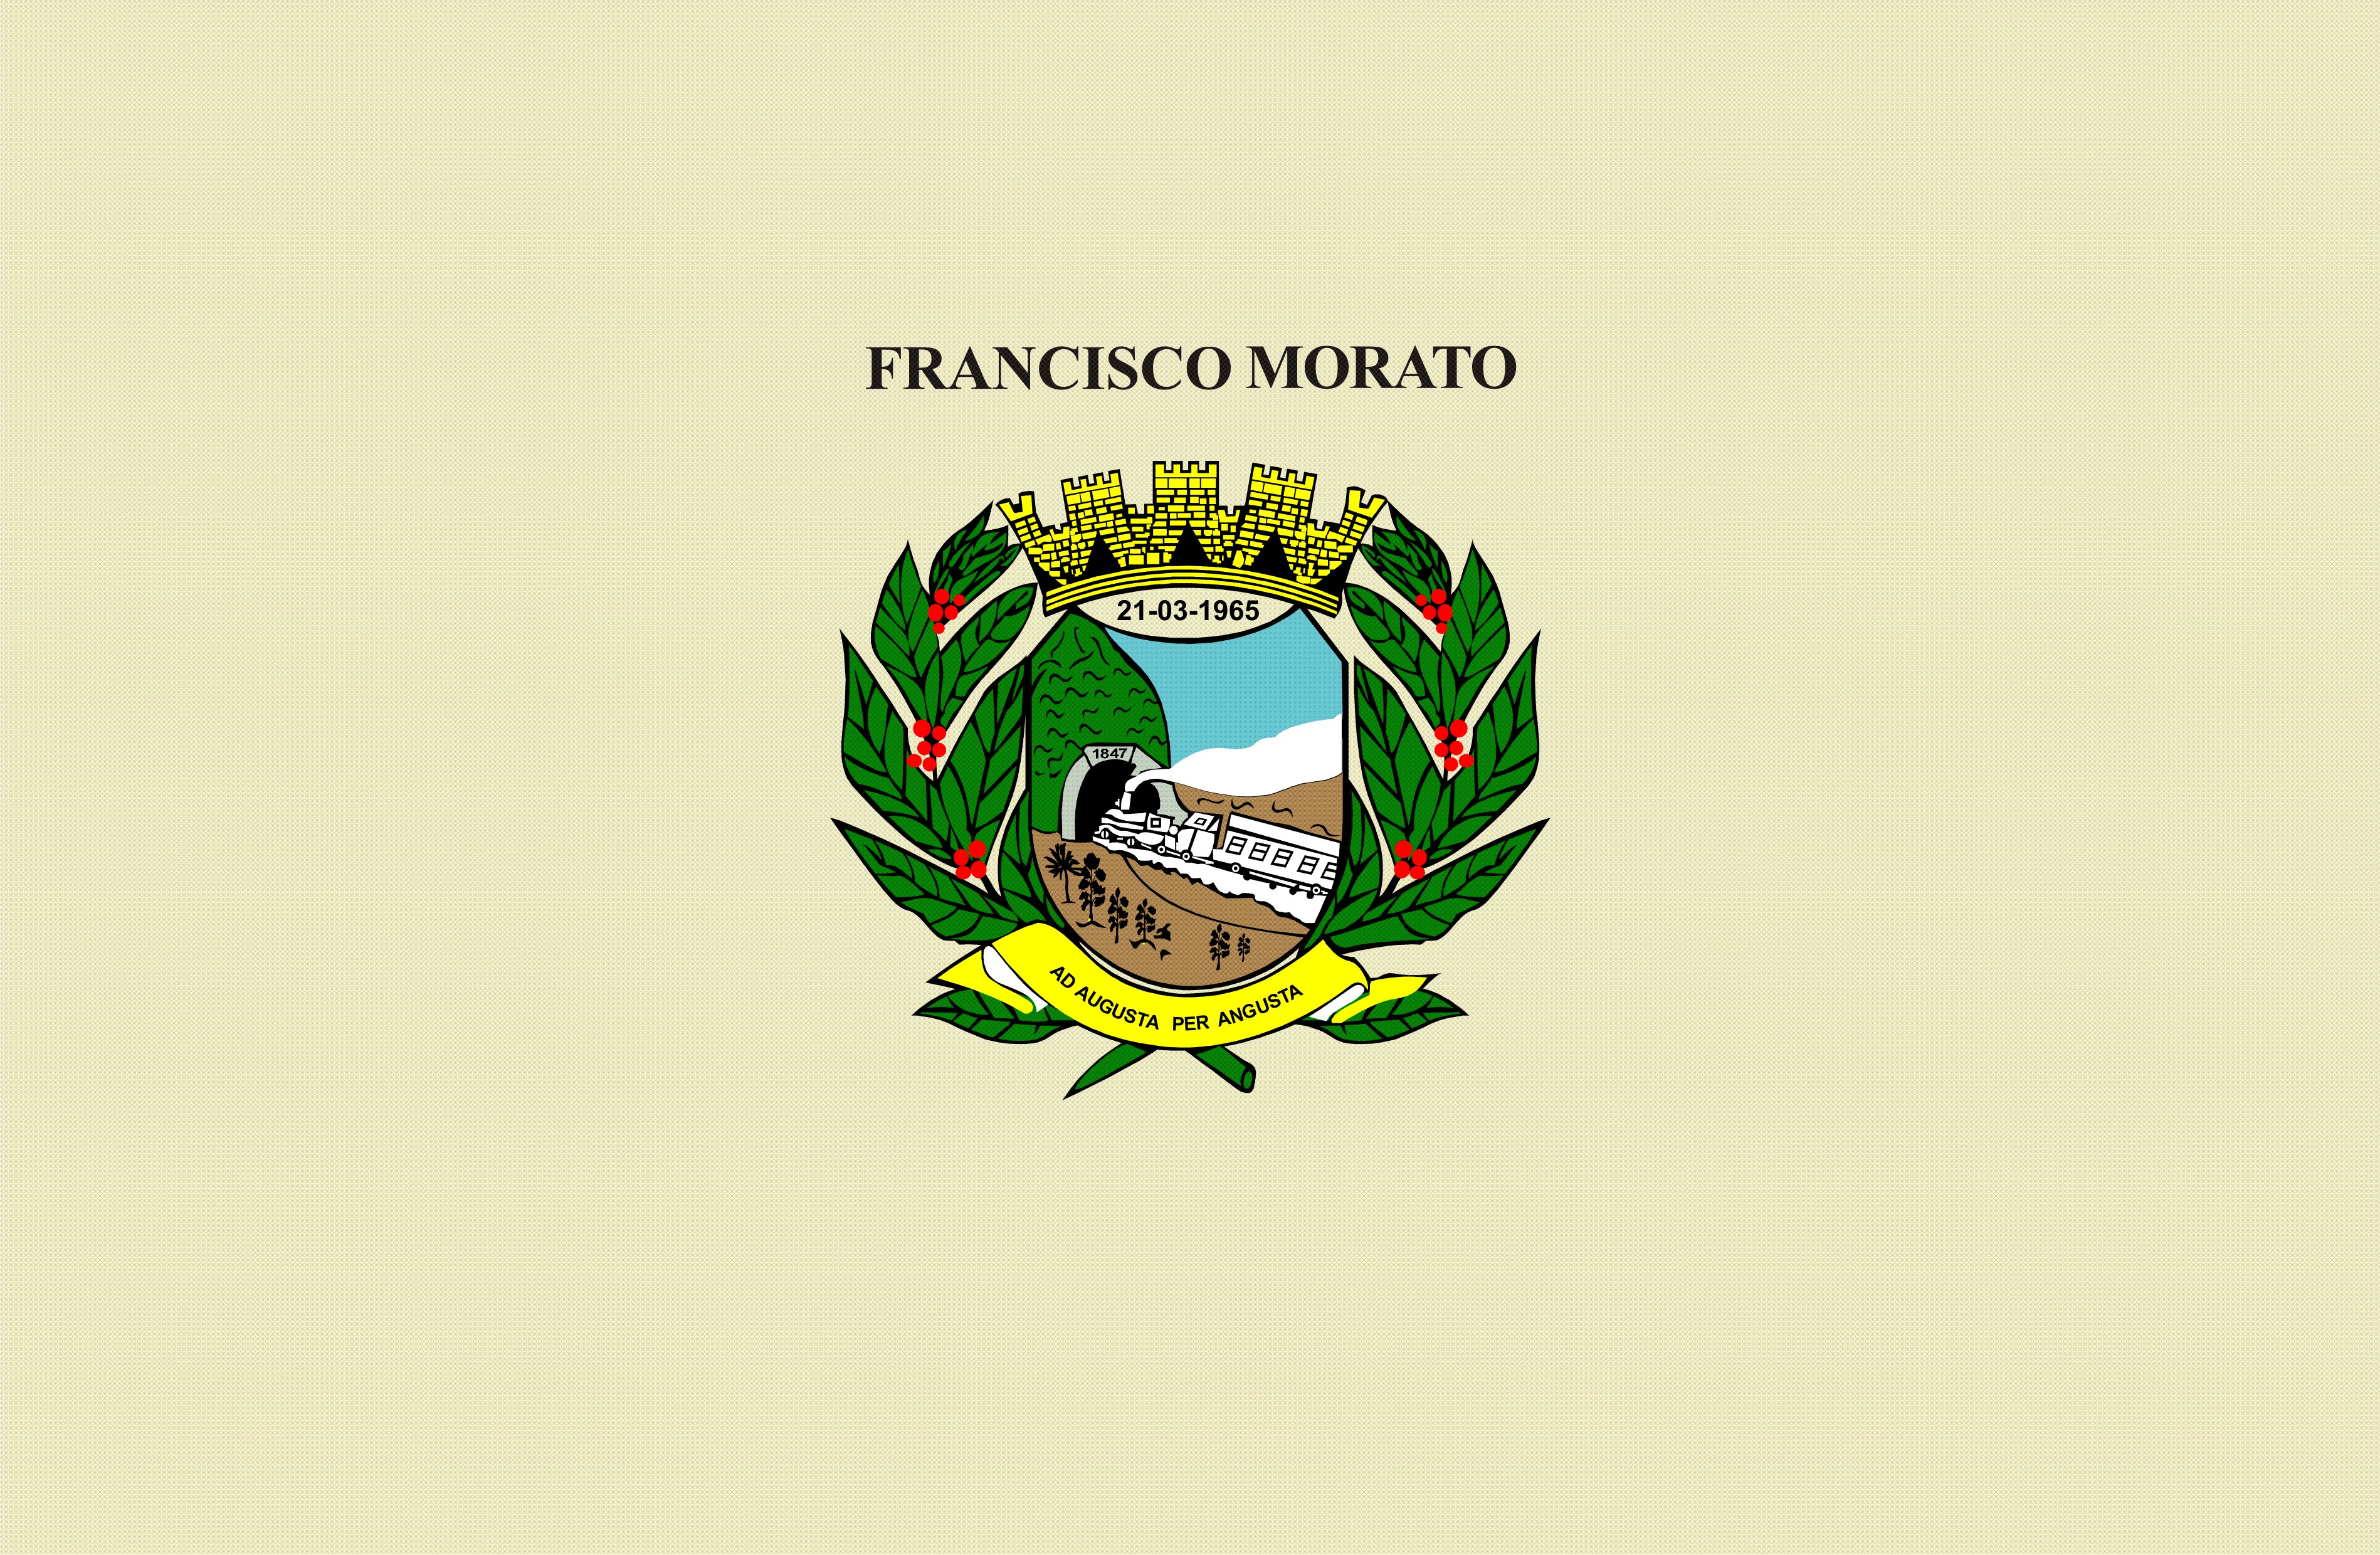 BandeiraFranciscoMorato